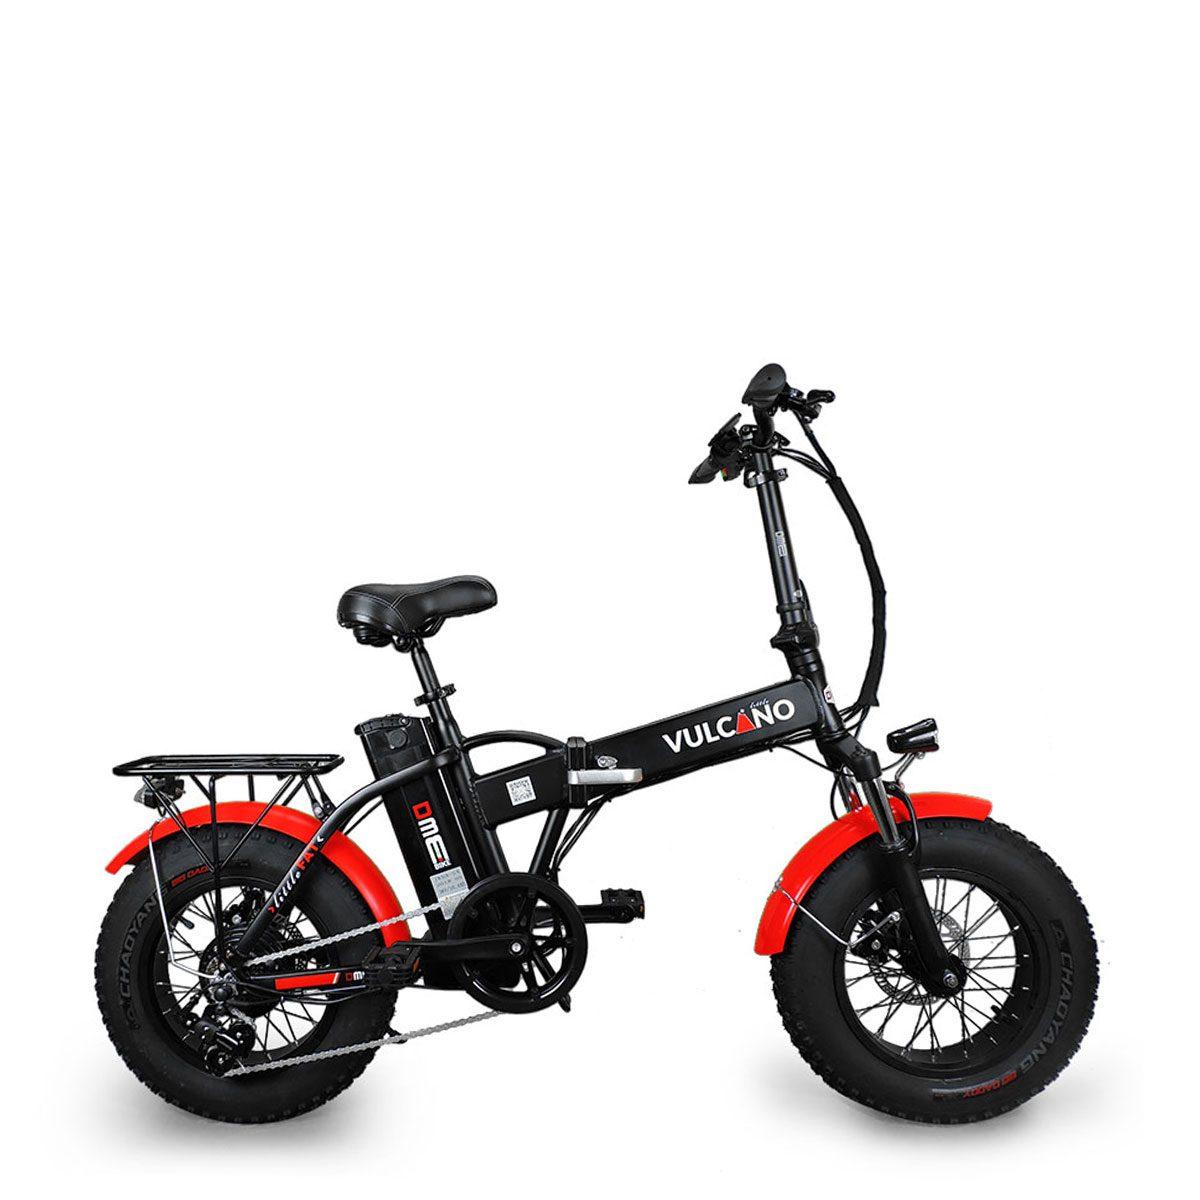 Bici Elettrica Fat Bike Vulcano Little V10 250w 48v Dme Elettrica